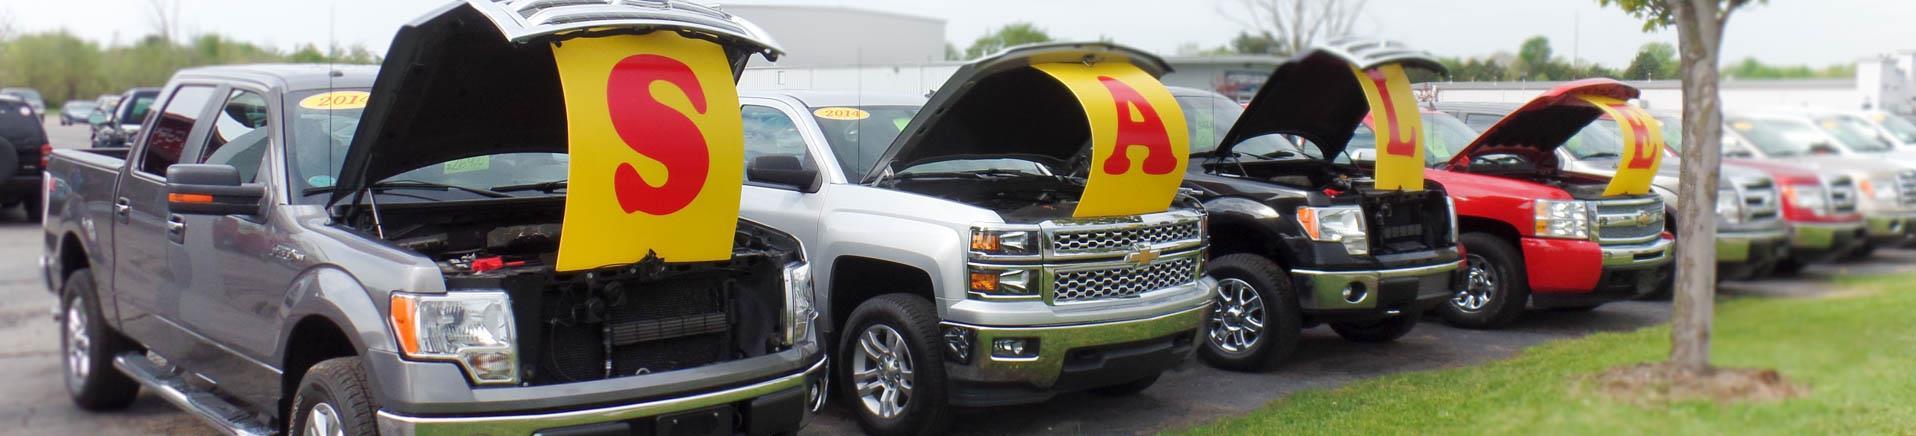 Used Cars Mt Pleasant MI   Used Cars & Trucks MI   Auto